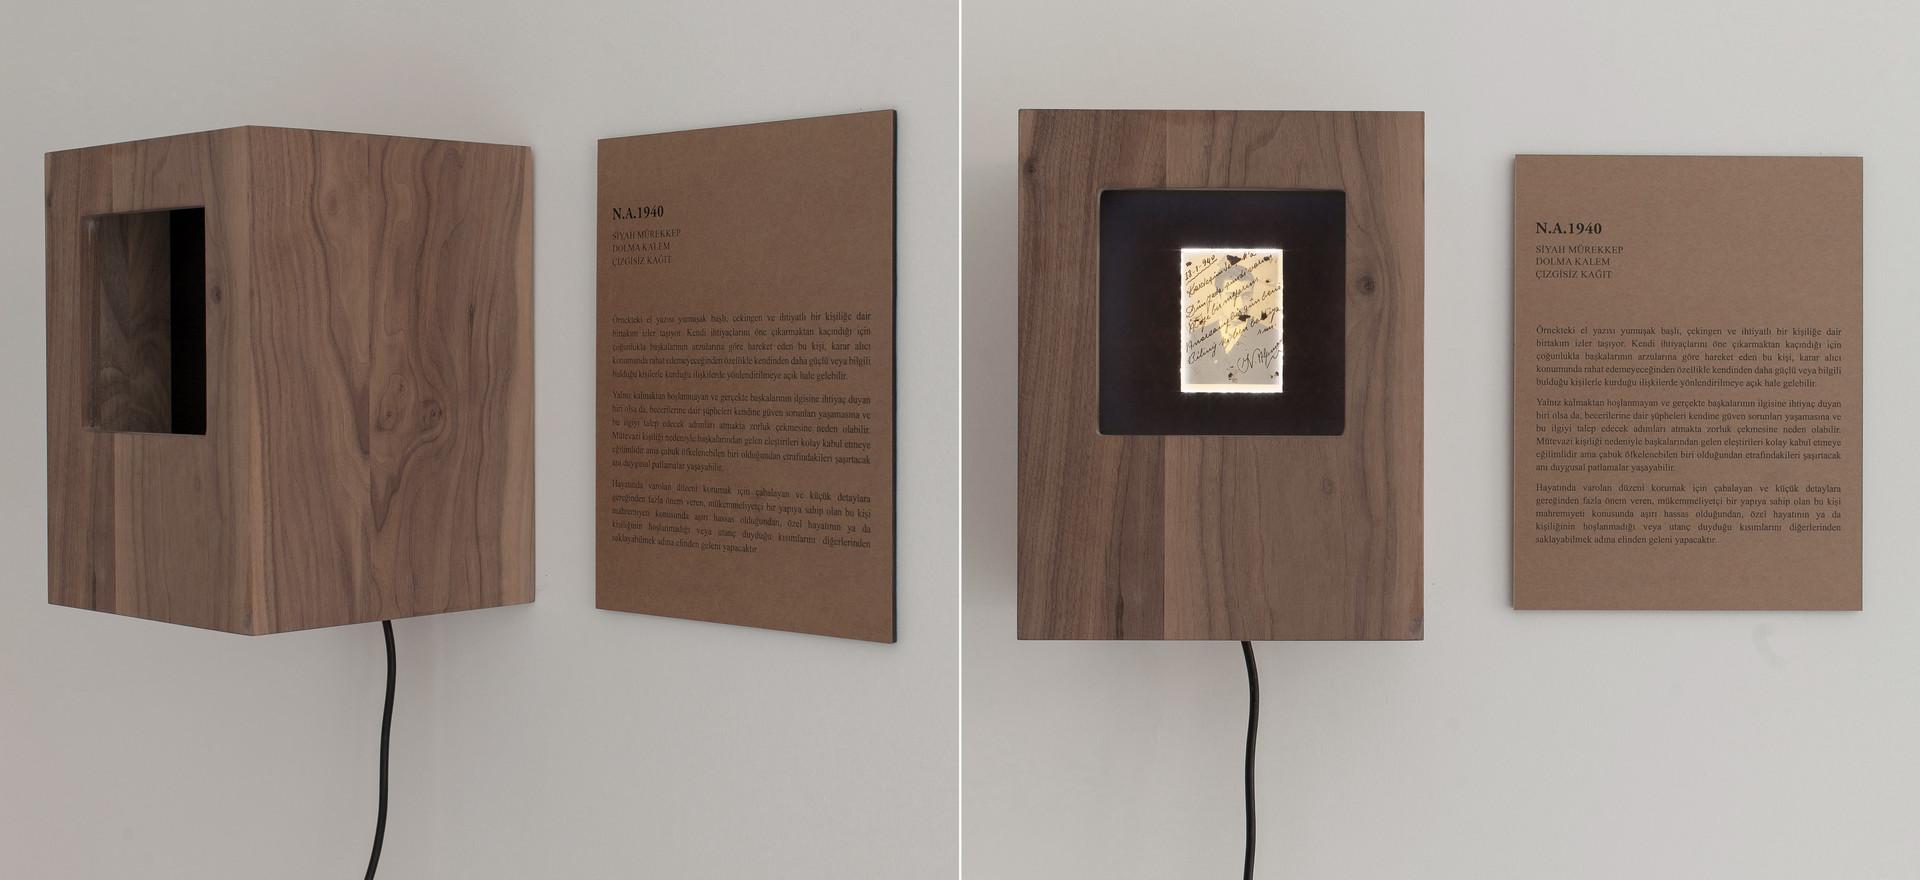 Ege Kanar_Surface Studies_Box_01.jpg